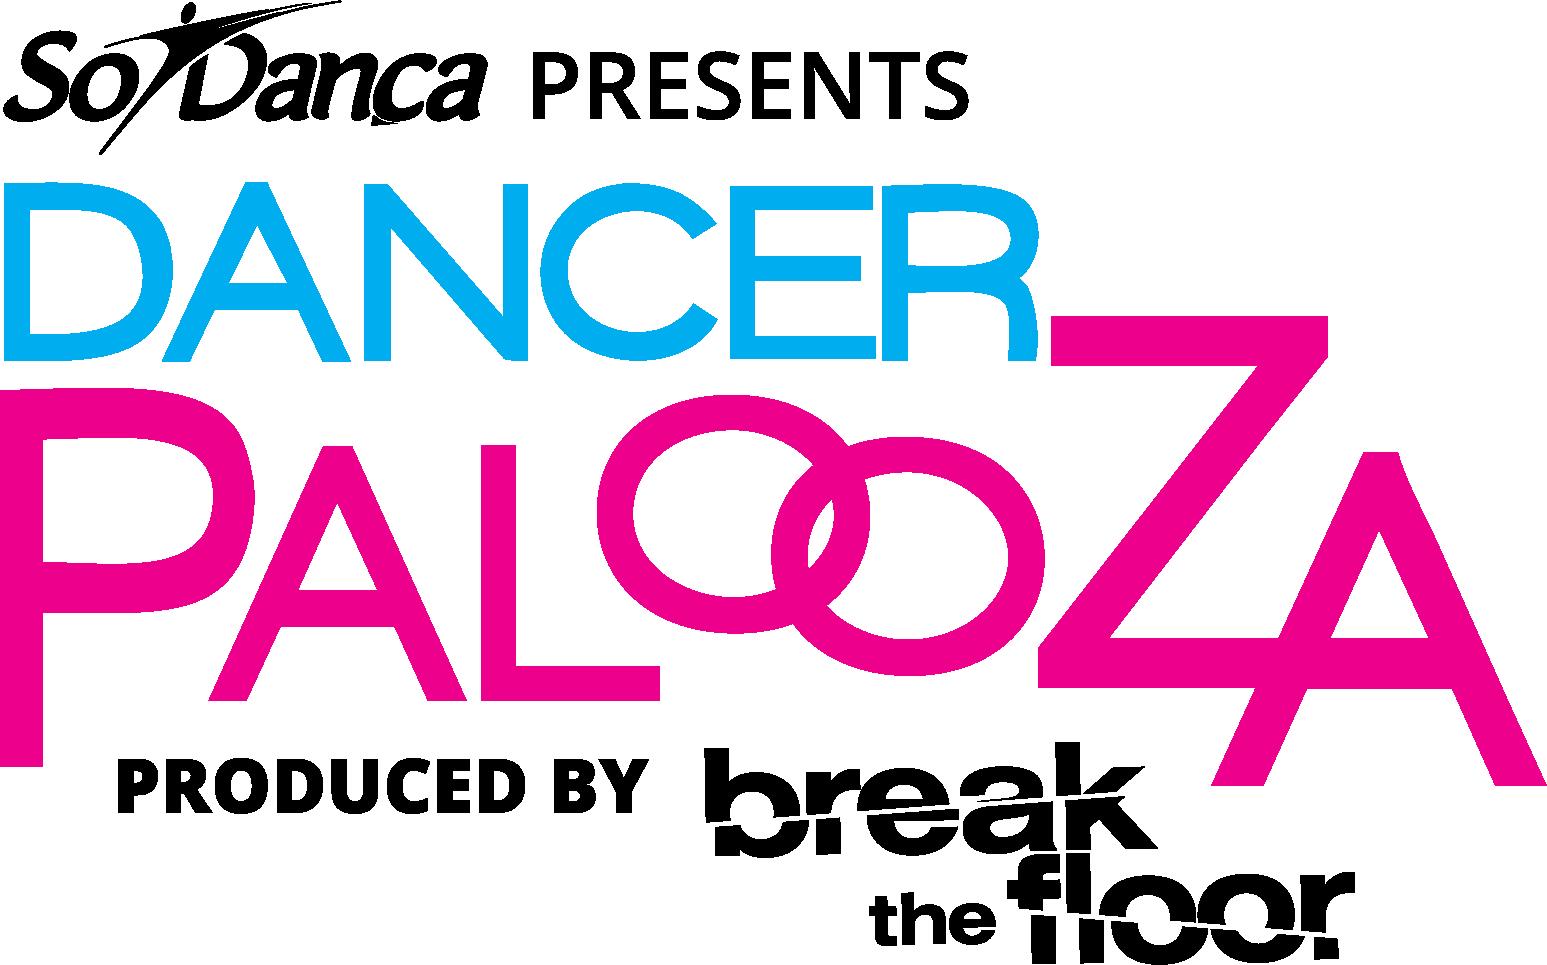 DancerPalooza